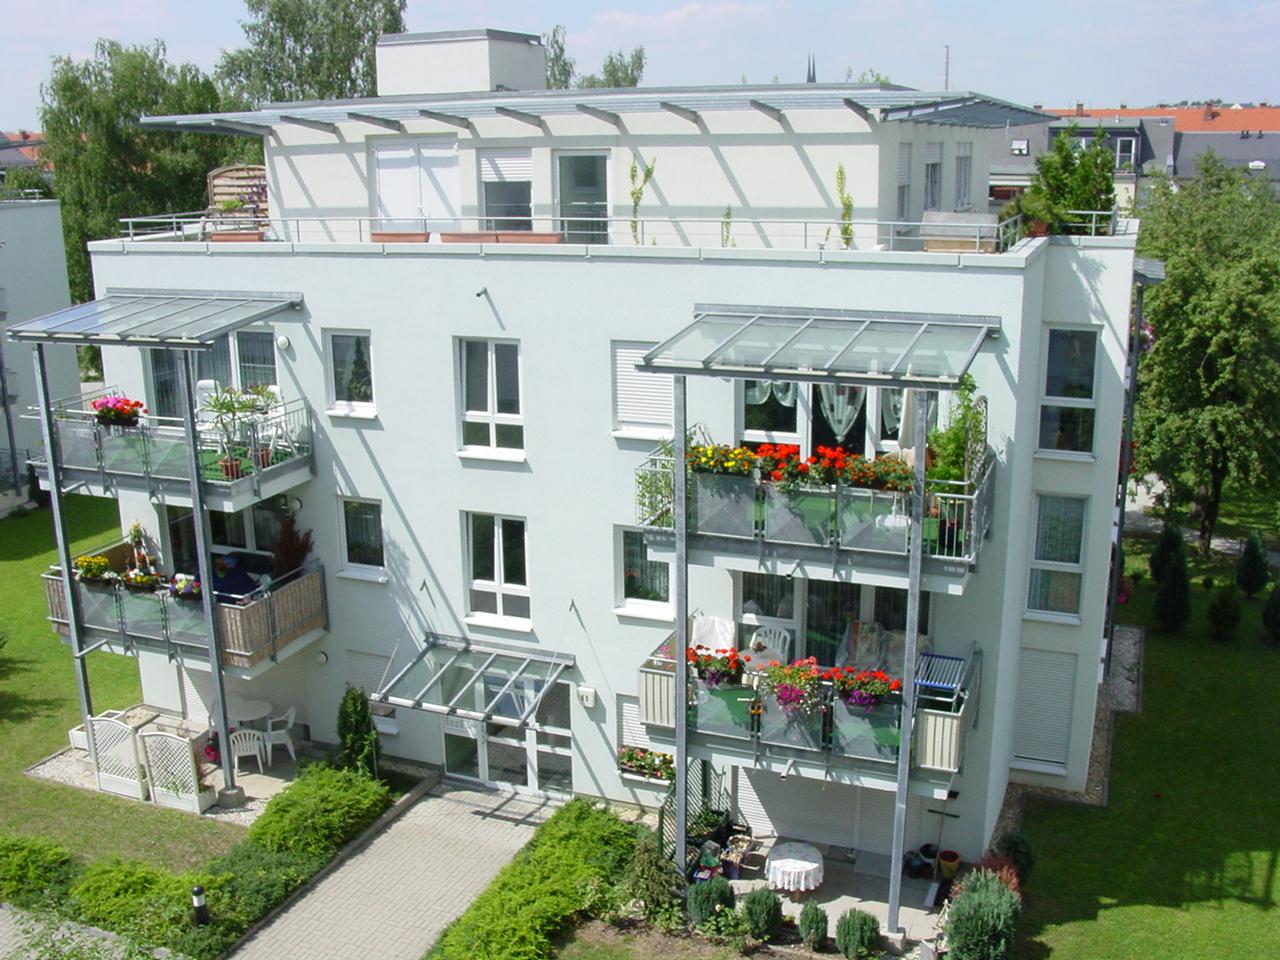 penthouse wohnung mit umlaufender dachterrasse in chemnitzgablenz - Penthousewohnung Mit Dachterrasse